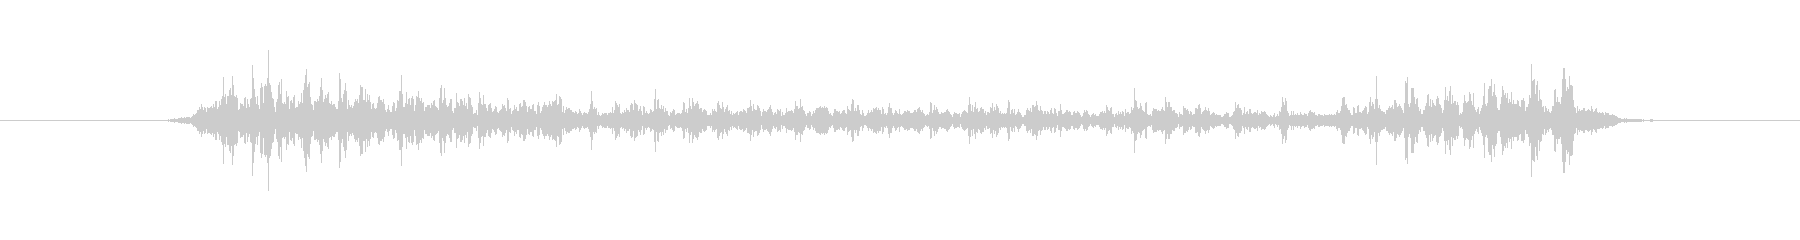 バルーン エアリリースファート01の未再生の波形